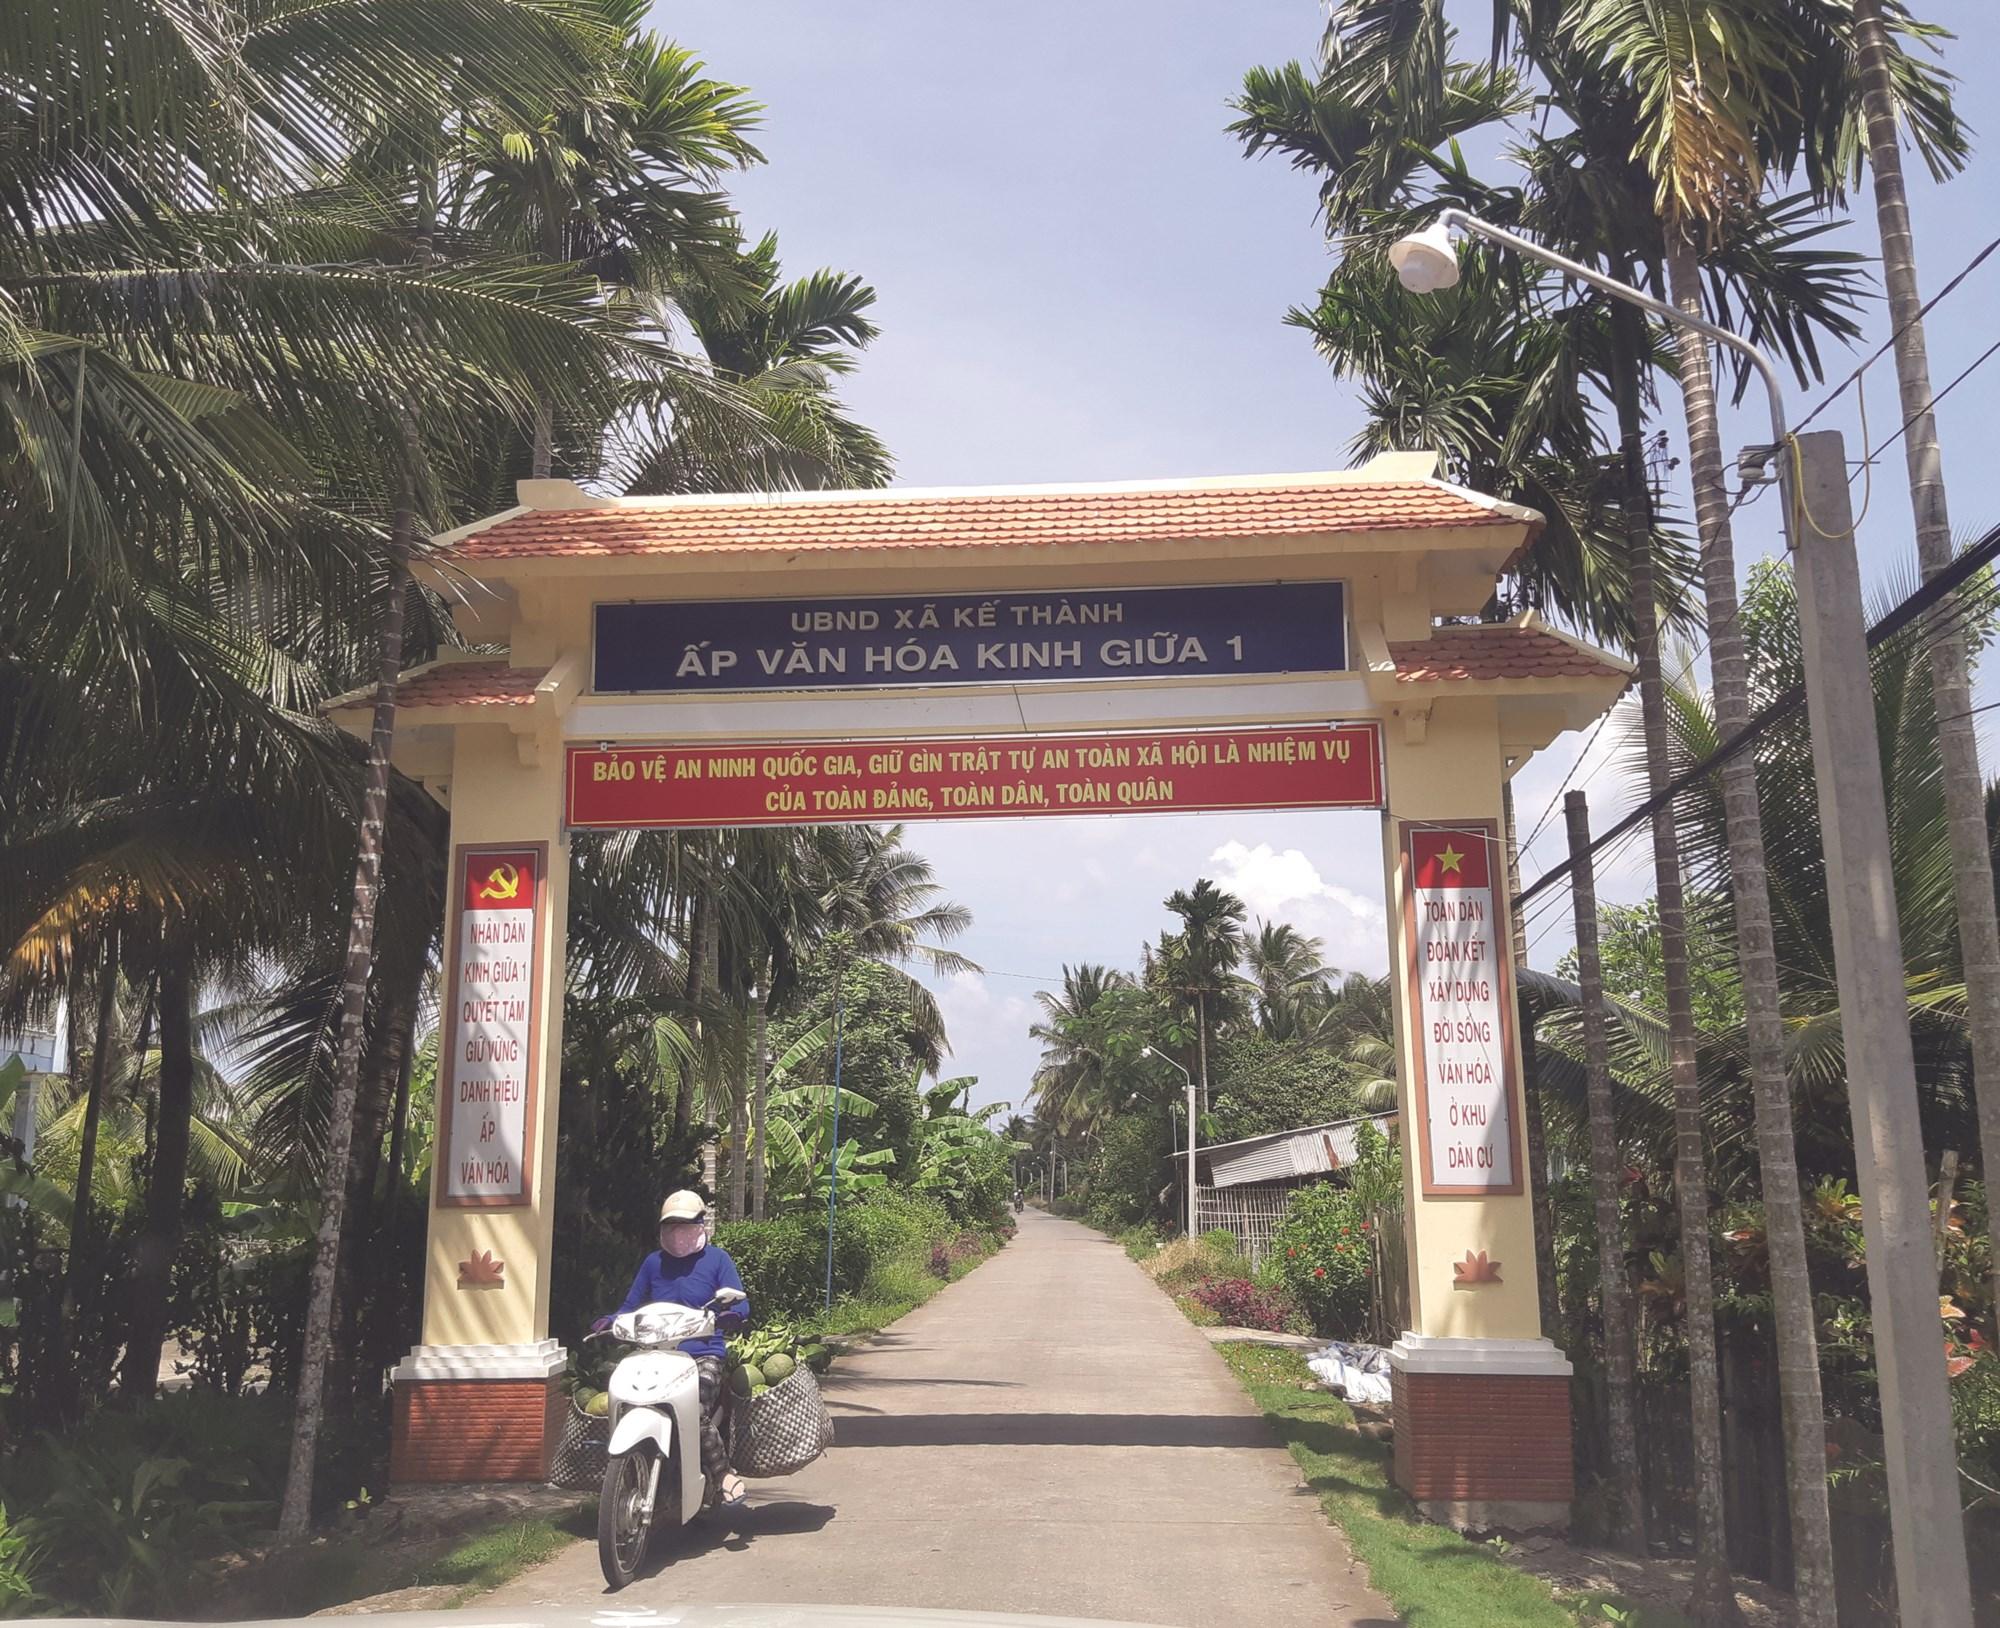 Đường giao thông vào xã Kế Thành được đầu tư theo chuẩn NTM.